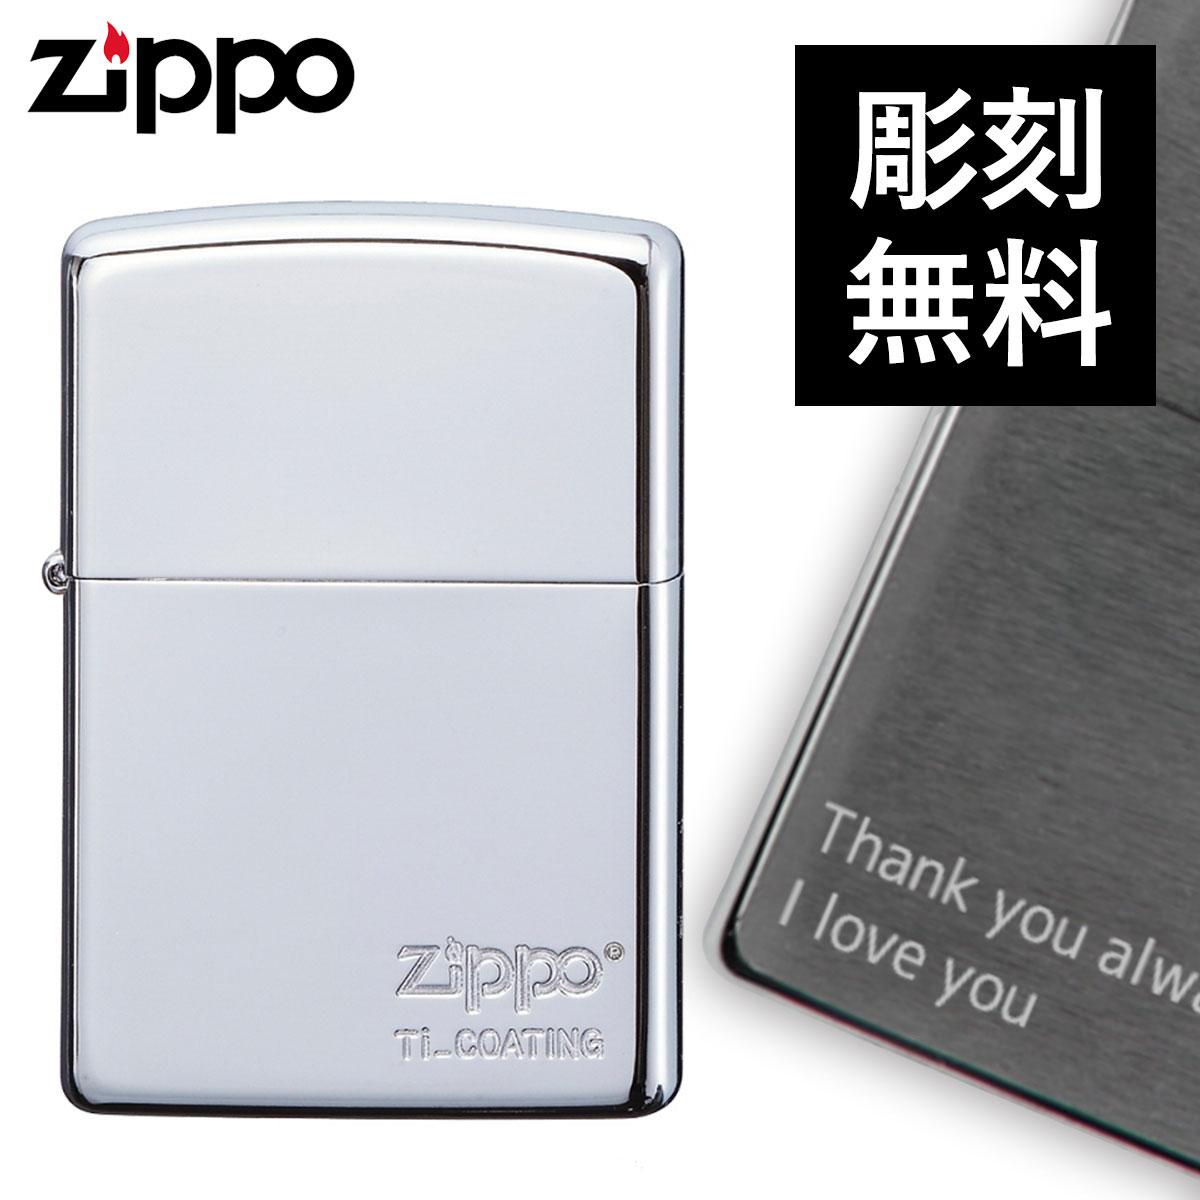 zippo 名入れ ジッポー ライター チタン キズがつきにくい 銀チタン E オイルライター ジッポライター ギフト プレゼント 彼氏 男性 メンズ